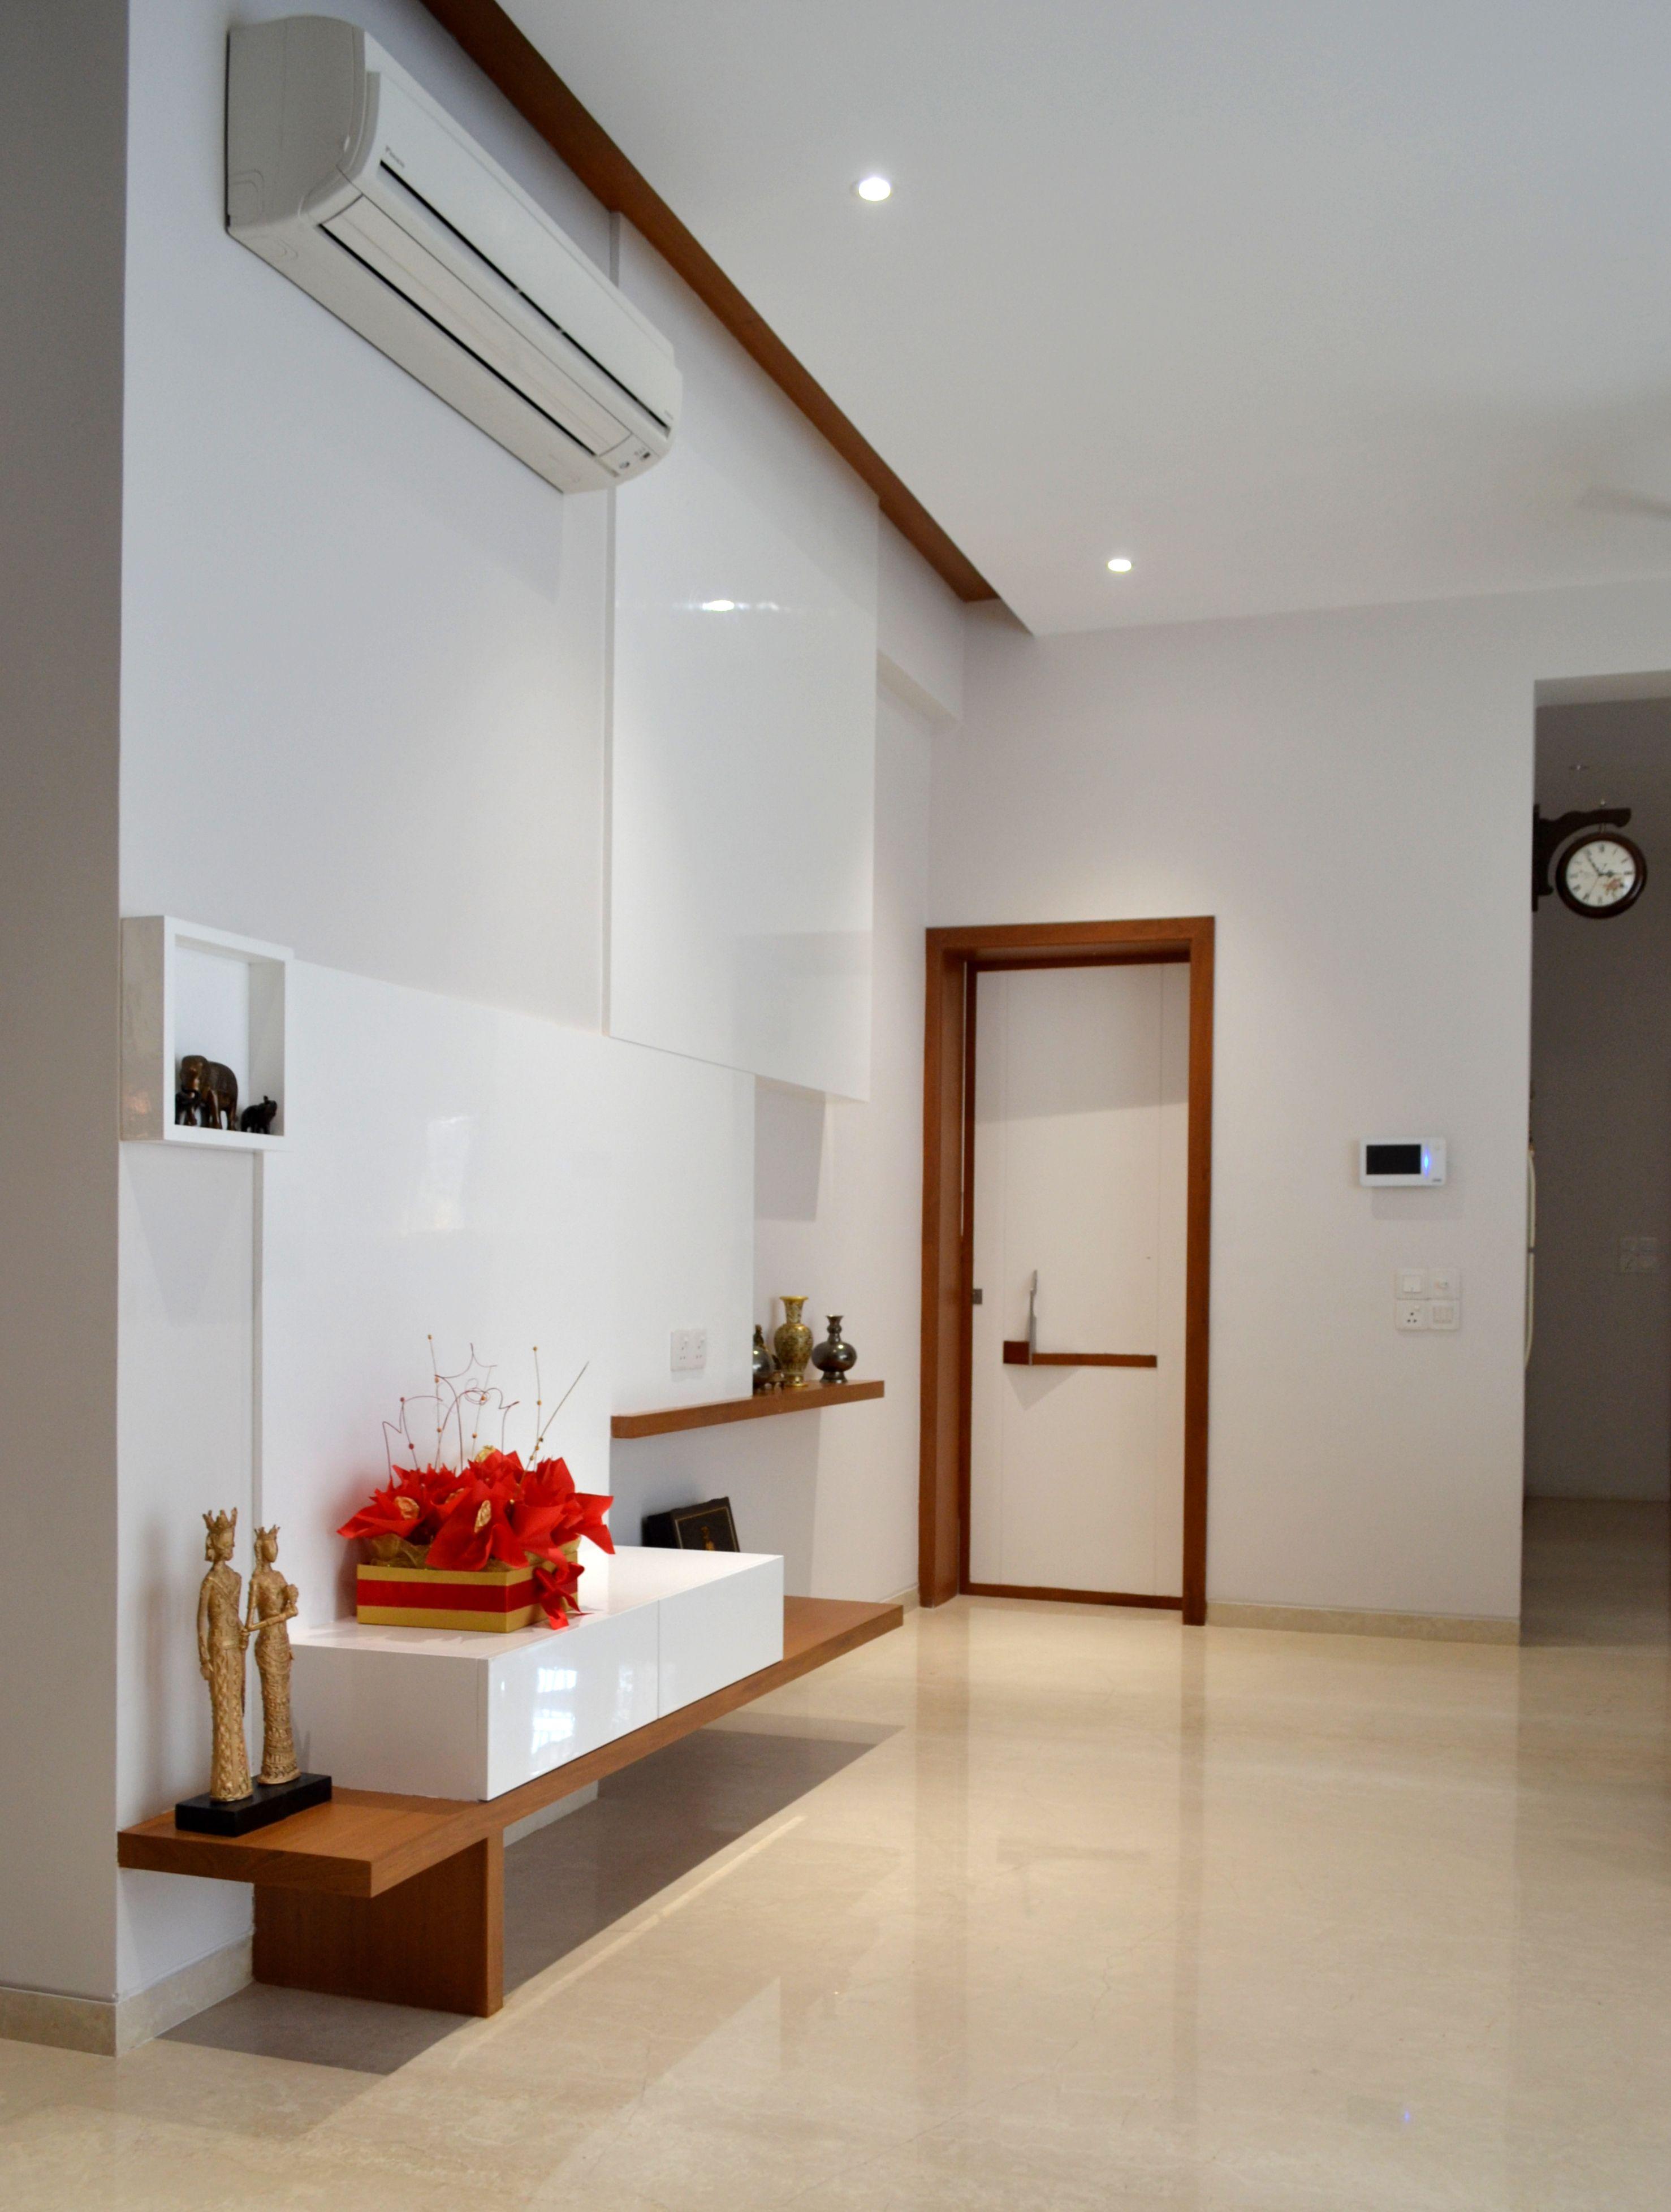 T V Unit Side Veiw Modern Living Room By Ssdecor Modern: Living Room T.V. Unit Side View- THE GRID